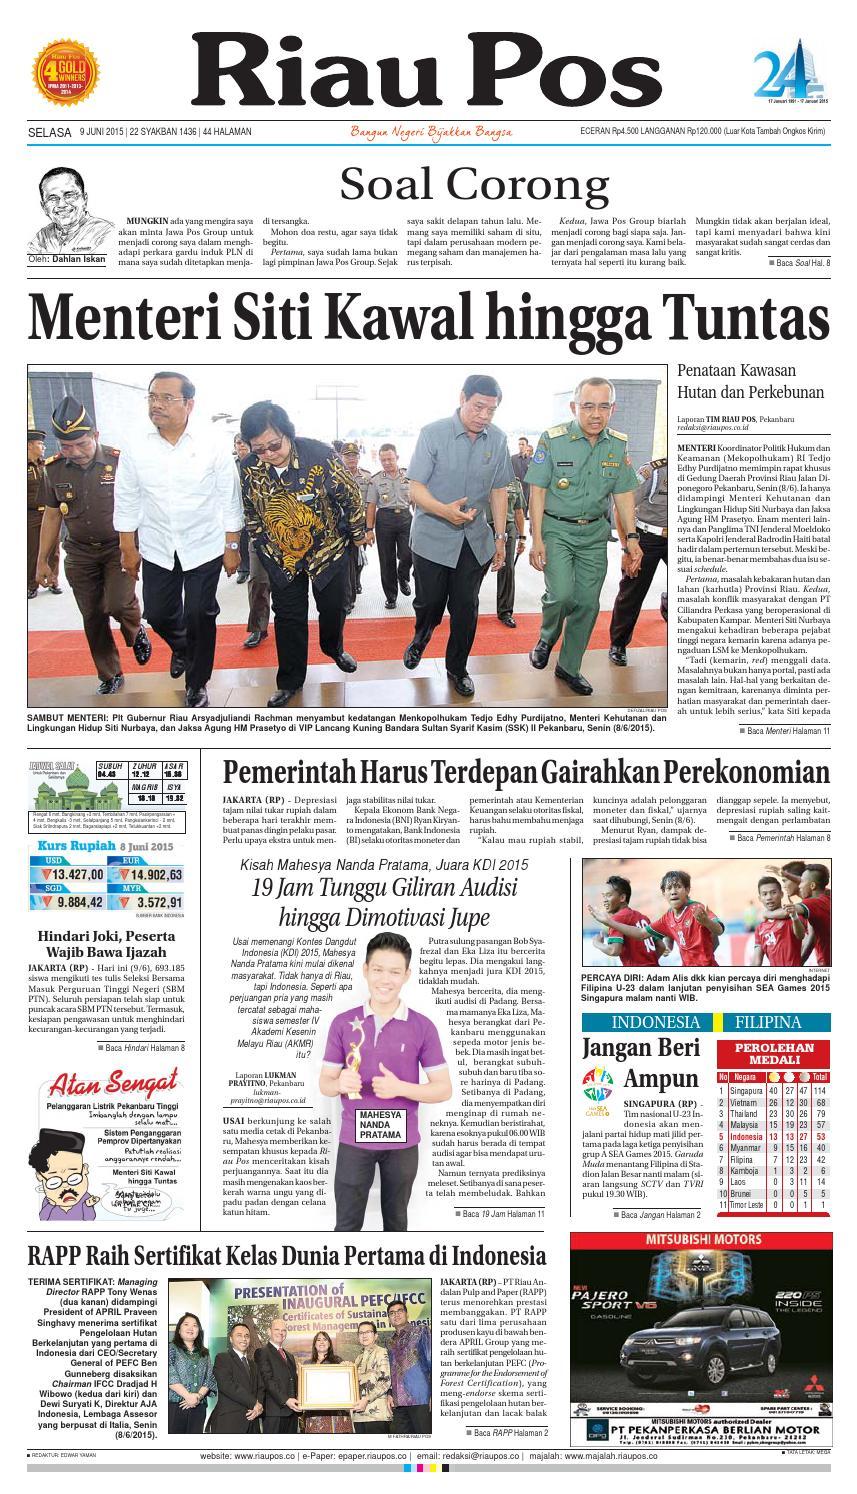 Riau Pos By Issuu Produk Umkm Bumn Bolu Gulung Hj Enong